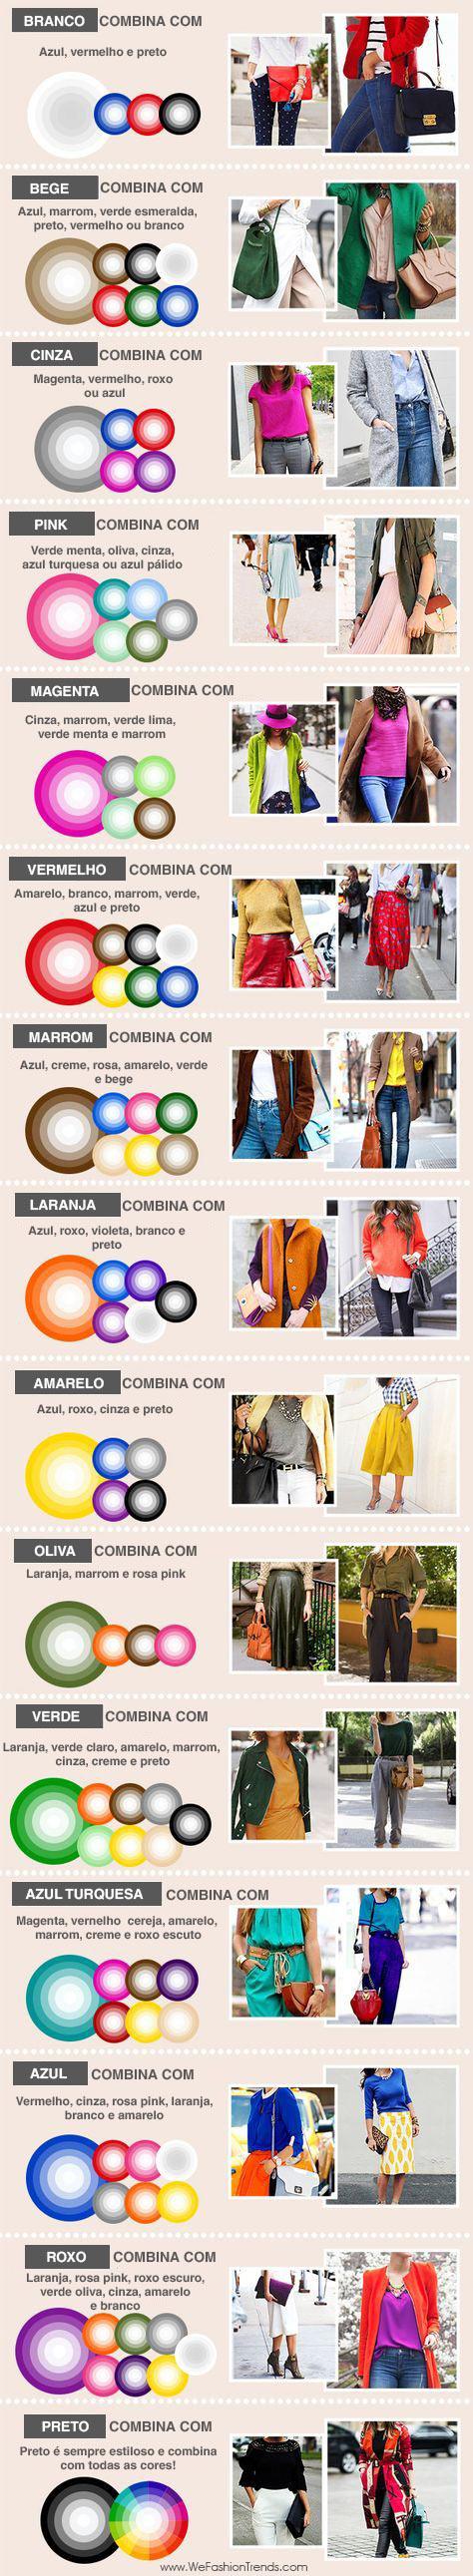 Como-combinar-cores-em-um-look-Guia-de-combinação-de-cores-e-looks